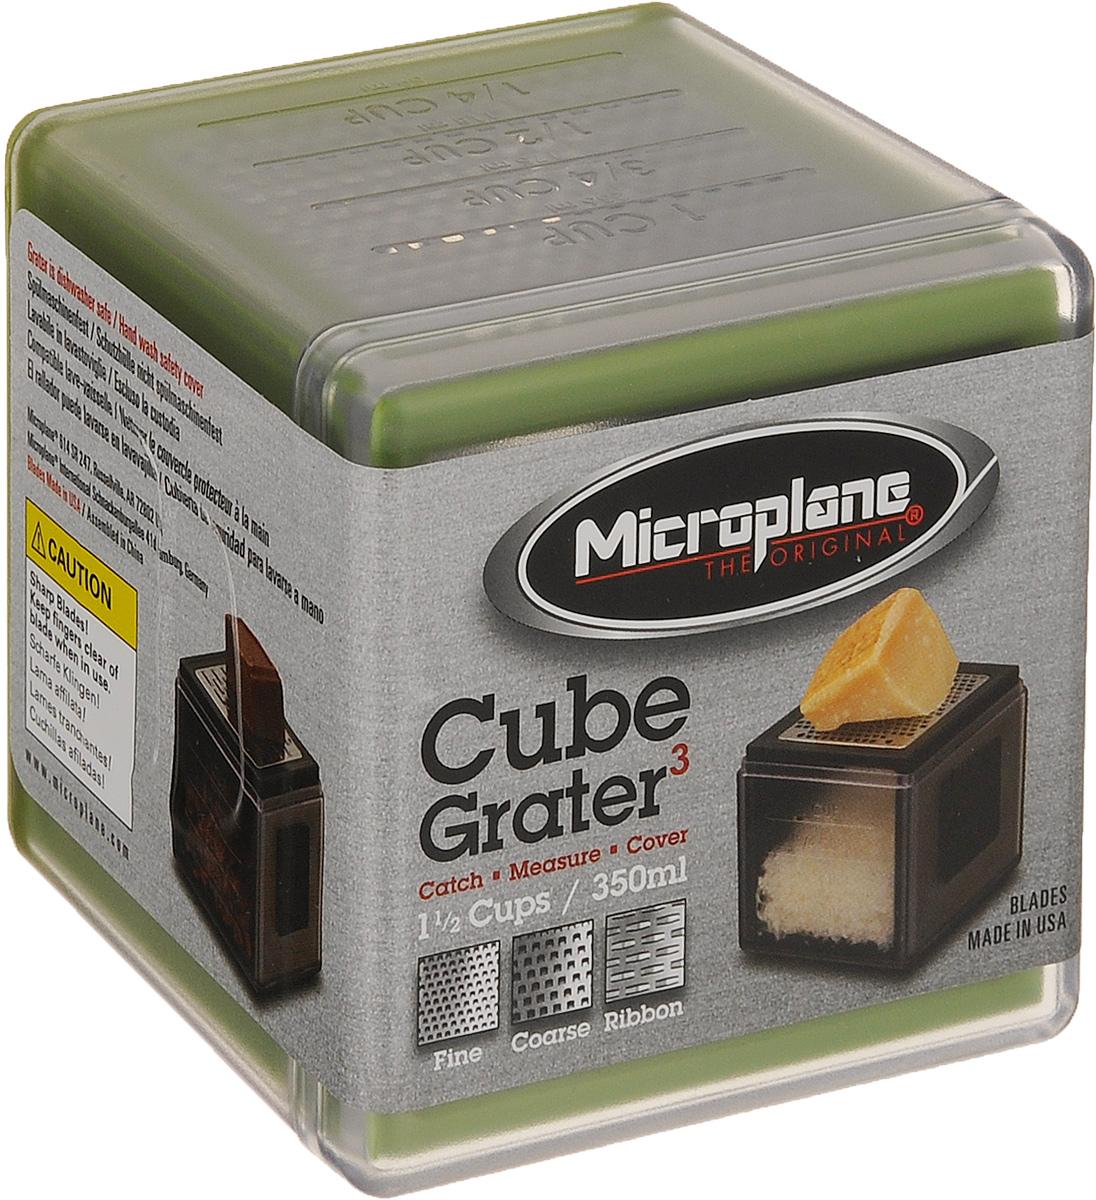 Терка-куб Microplane, цвет: зеленый391602Терка-куб Microplane выполнена из пластика и нержавеющей стали. Она имеет три режущие поверхности: мелкую, крупную и ленту. На одной из сторон имеется мерная шкала. Терка идеально подходит для сыров, имбиря, моркови, чеснока, лука, орехов, яблок, картофеля, свеклы, шоколада, масла и специй. Терка-куб Microplane небольшая своим размером (9 х 9 см), но вместительная (до 350 мл). Можно мыть в посудомоечной машине.Microplane - это легендарные американские терки. Продукцией Microplane пользуются все известные кулинары и повара всего мира, среди них знаменитый шеф-повар Джейми Оливер. Вся продукция Microplaneпроизводится на собственном заводе в США. Microplane используют самую качественную нержавеющую сталь. Благодаря уникальному химическому составу, продукция не окисляется и сохраняет большее количество витаминов и полезных веществ в продуктах. Для производства используются нержавеющие стали 410, 301 и 302 - идеальный материал для терок, поэтому продукция Microplane не тупится годами. Запатентованный процесс фотогравировки позволяет создать сверхострые лезвия для продукции.